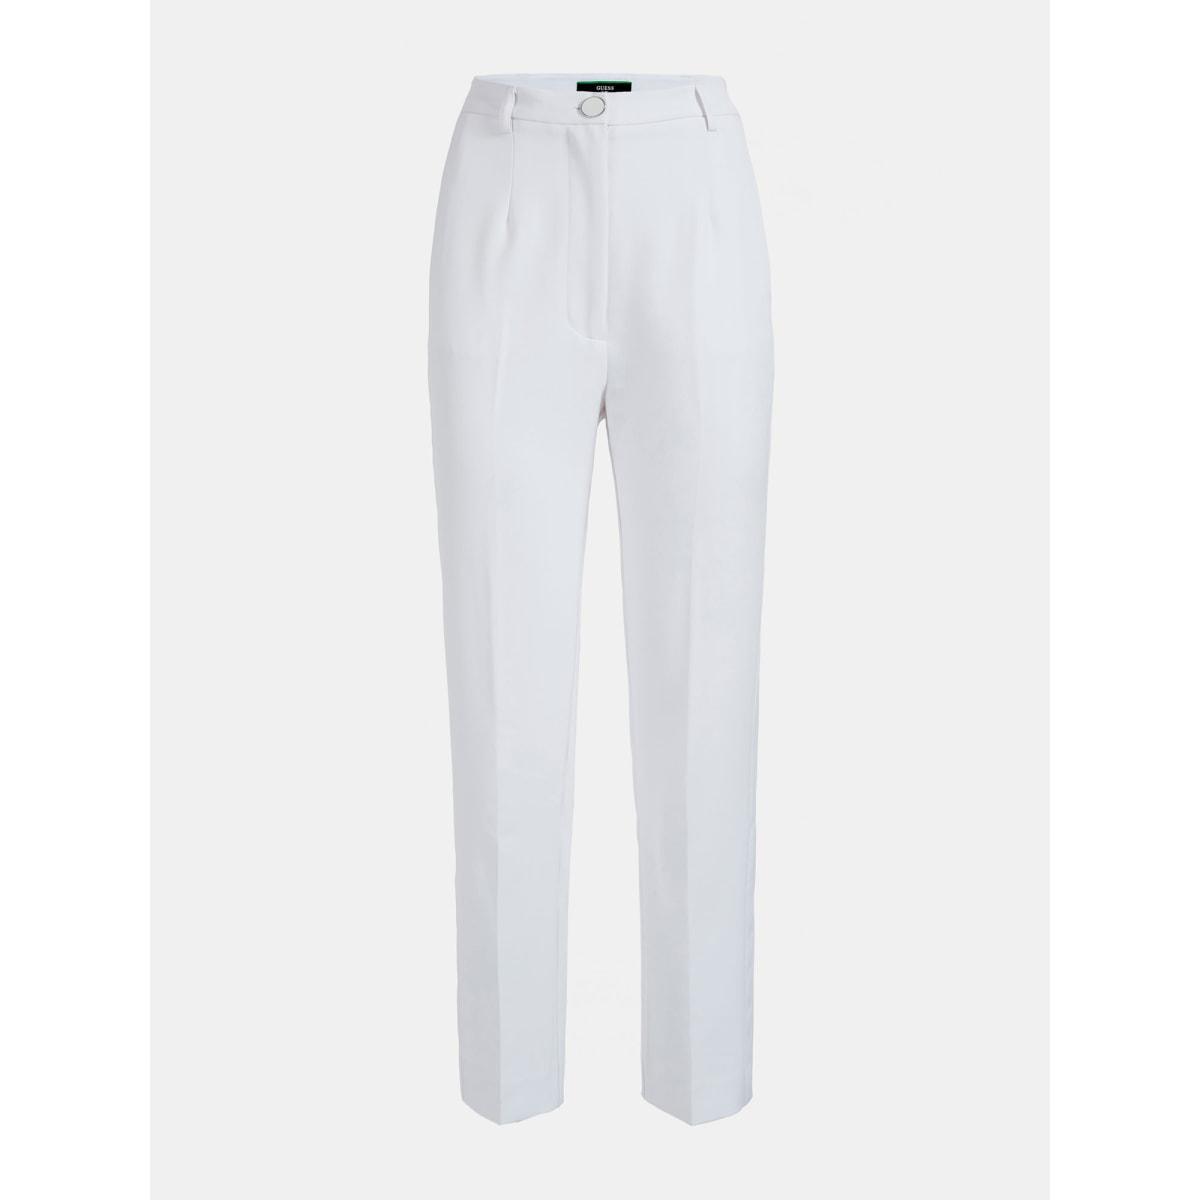 PANTALONE CRÊPE STRETCH GUESS | Pantalone | W0YB73 WB4H2TWHT